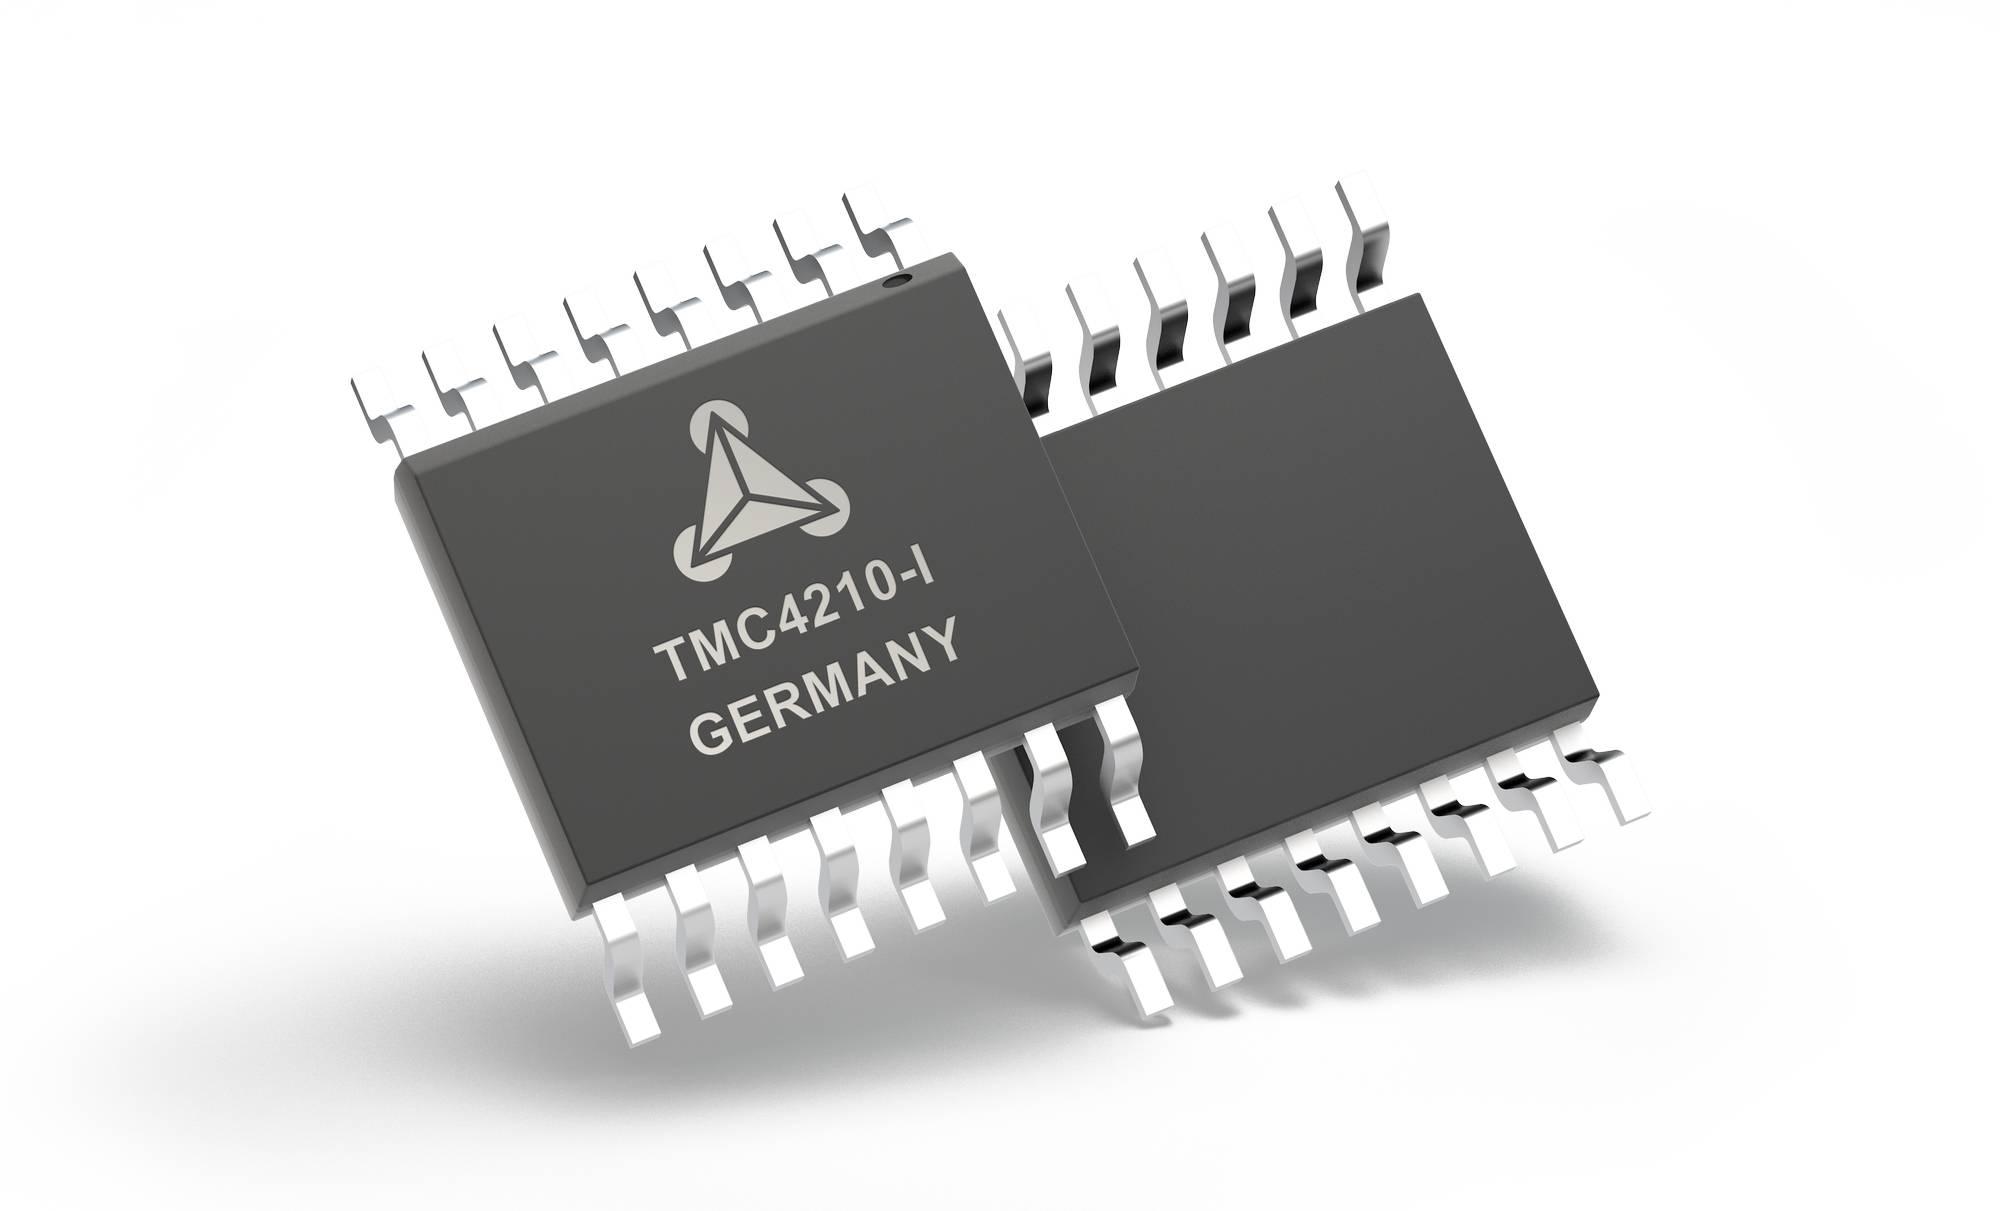 TMC4210-I